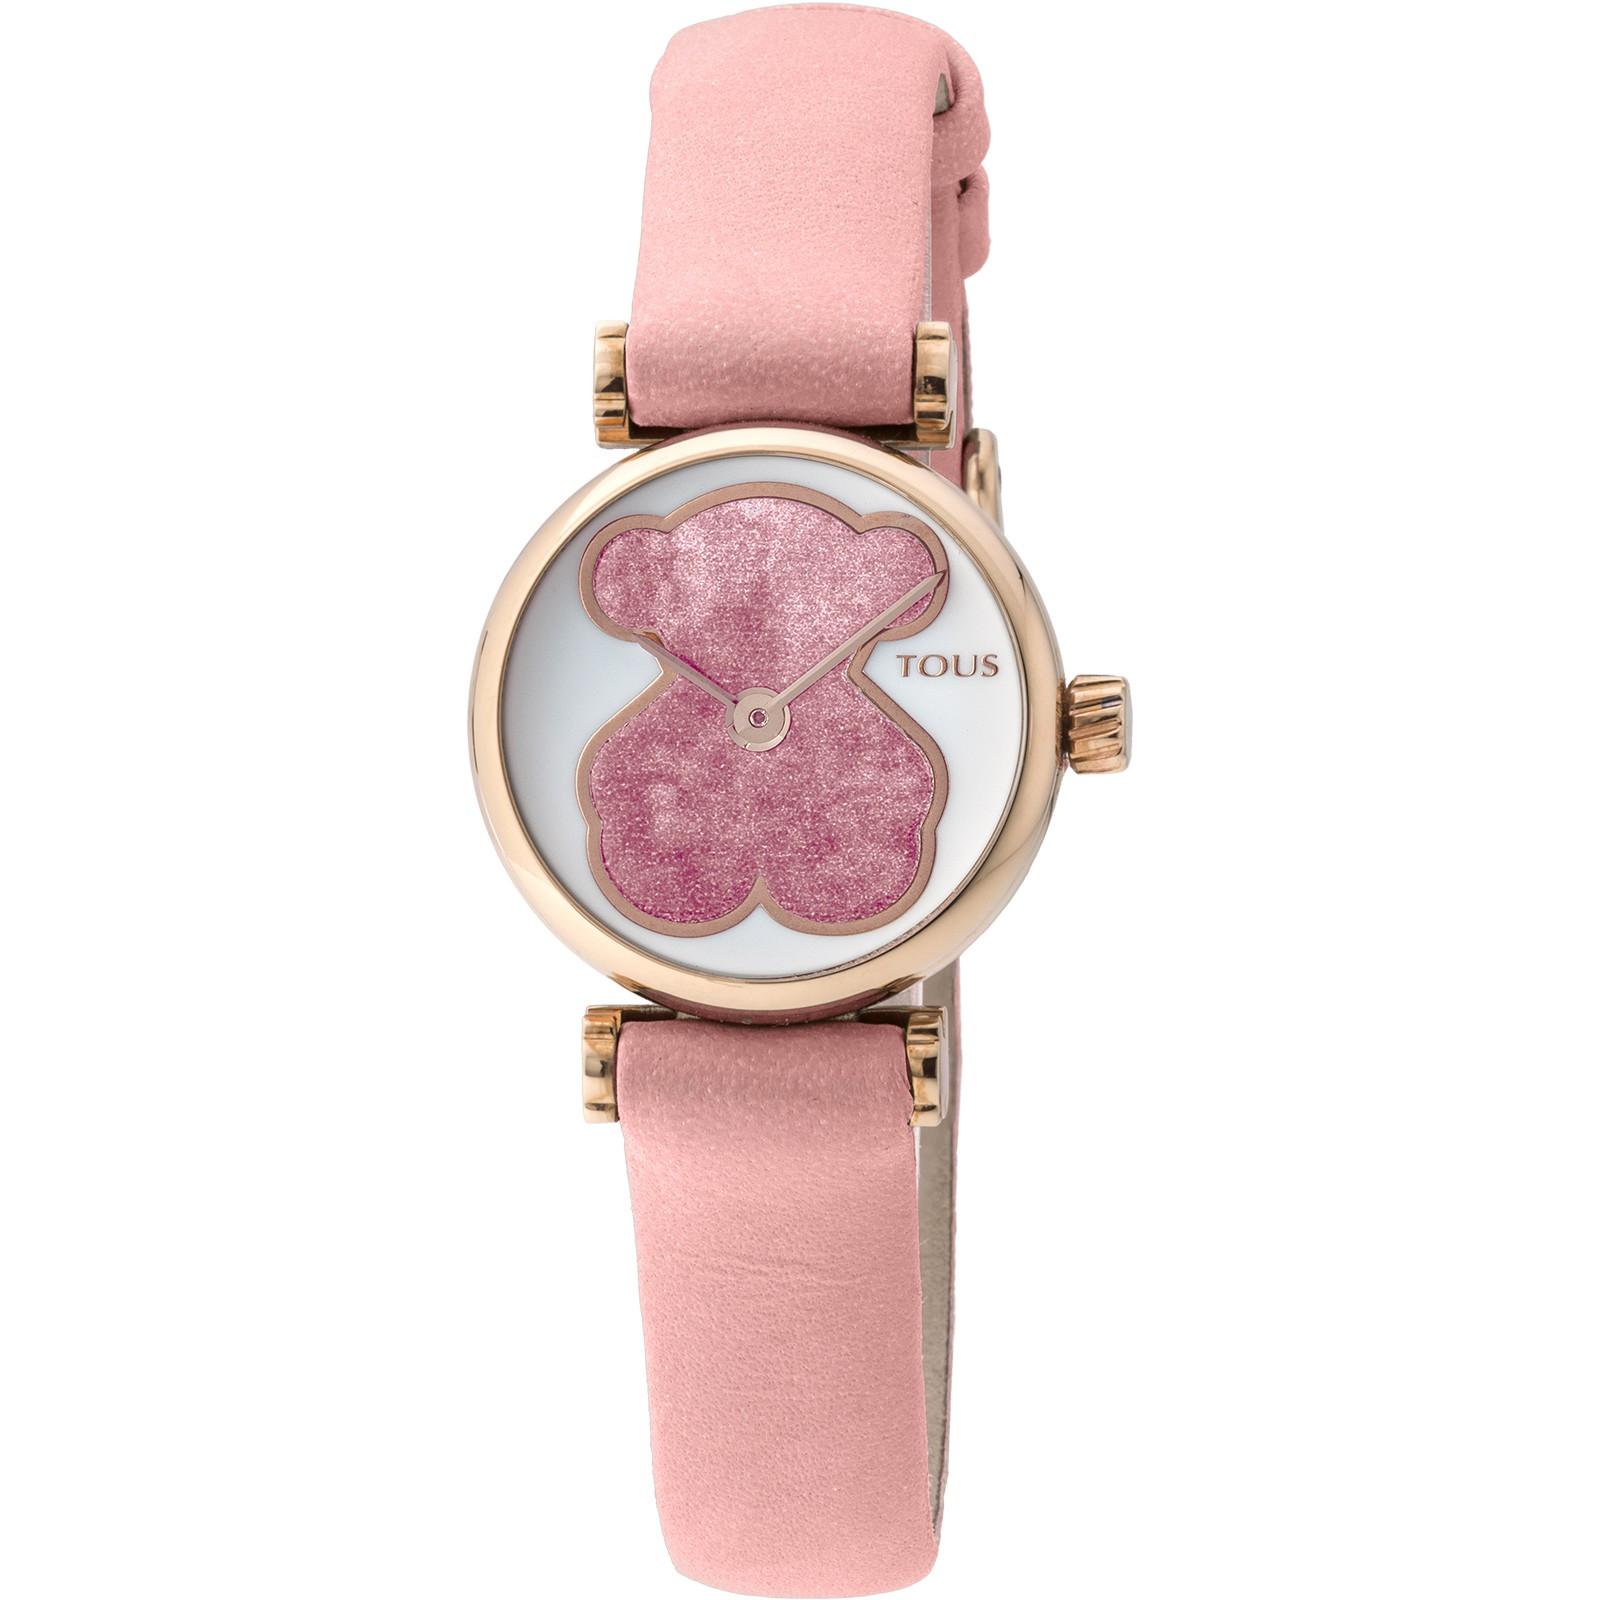 b182e16991c6 Reloj Tous Camille 21 oso rosa esmalte piel rosa 700350050